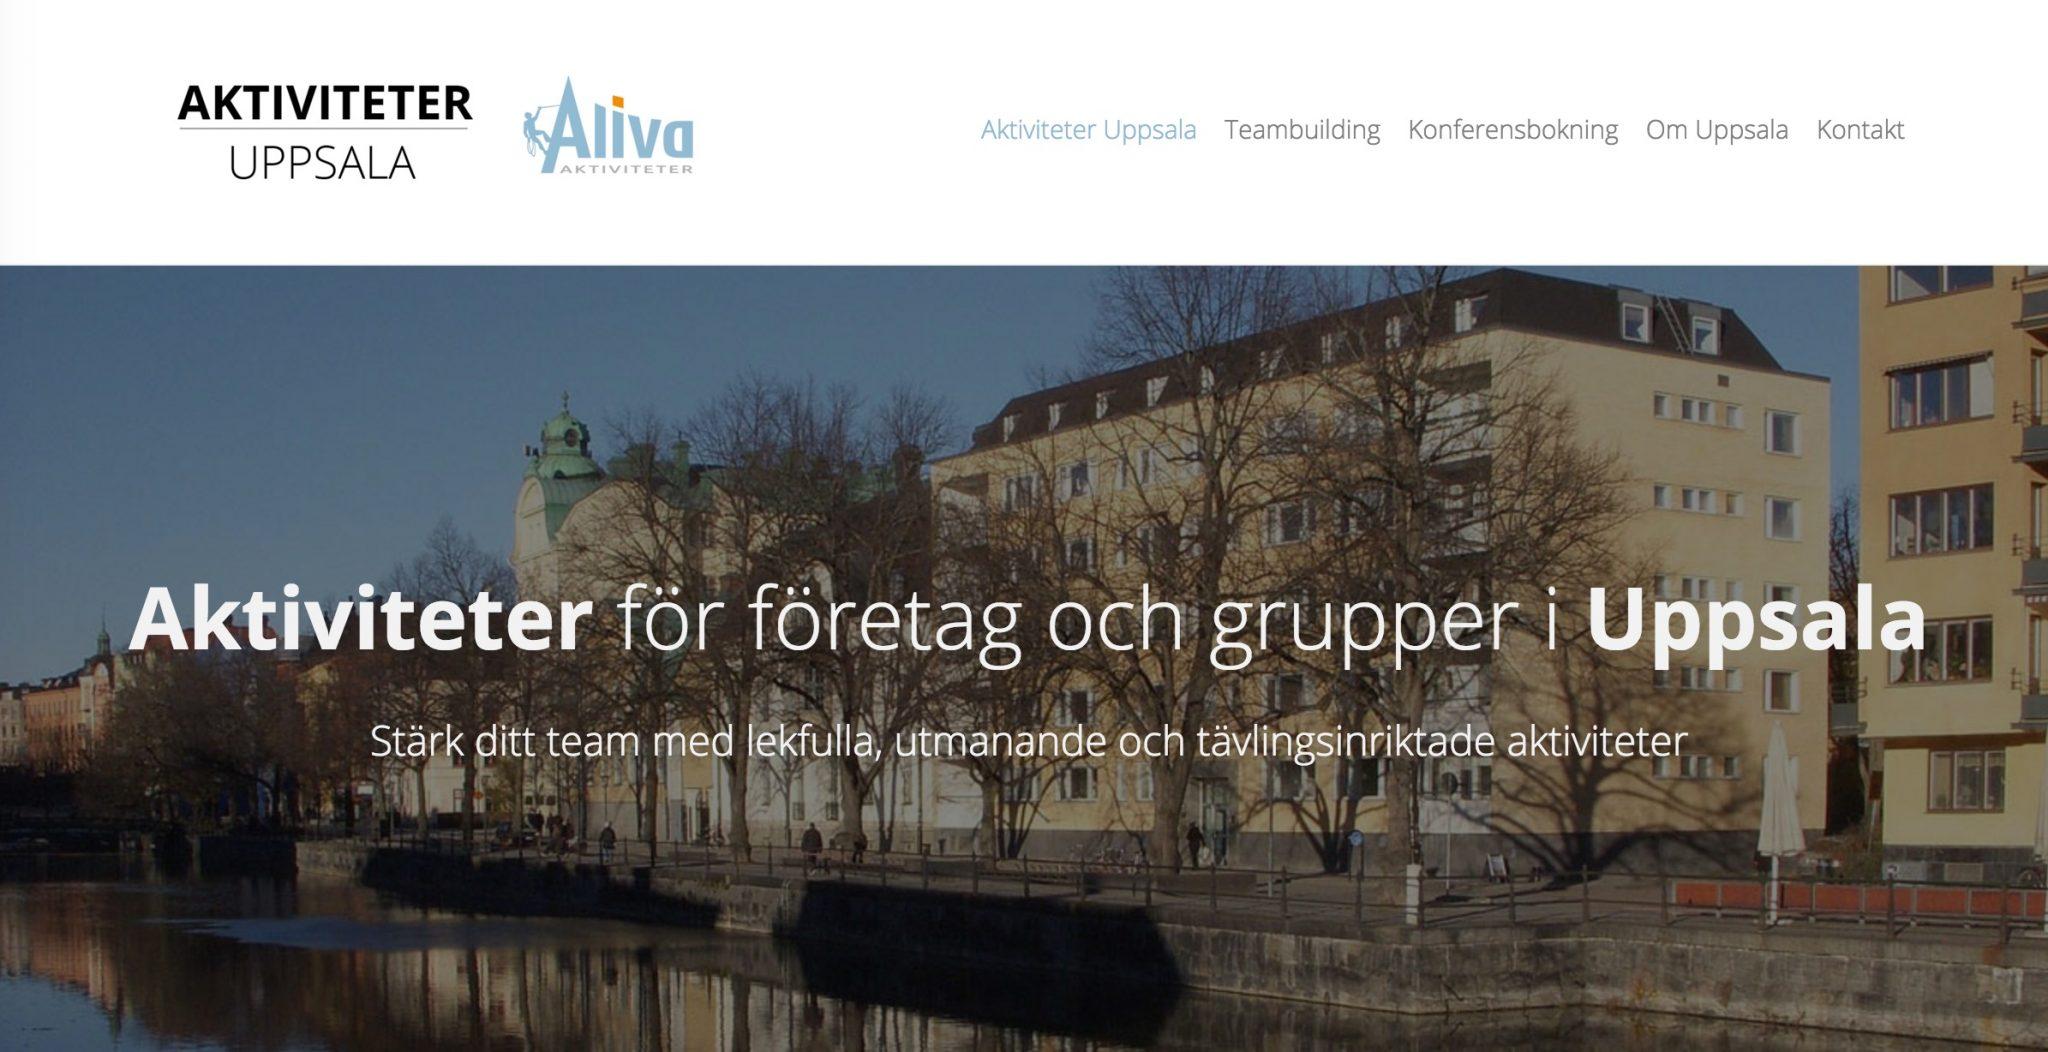 Uppsala aktiviteter företag